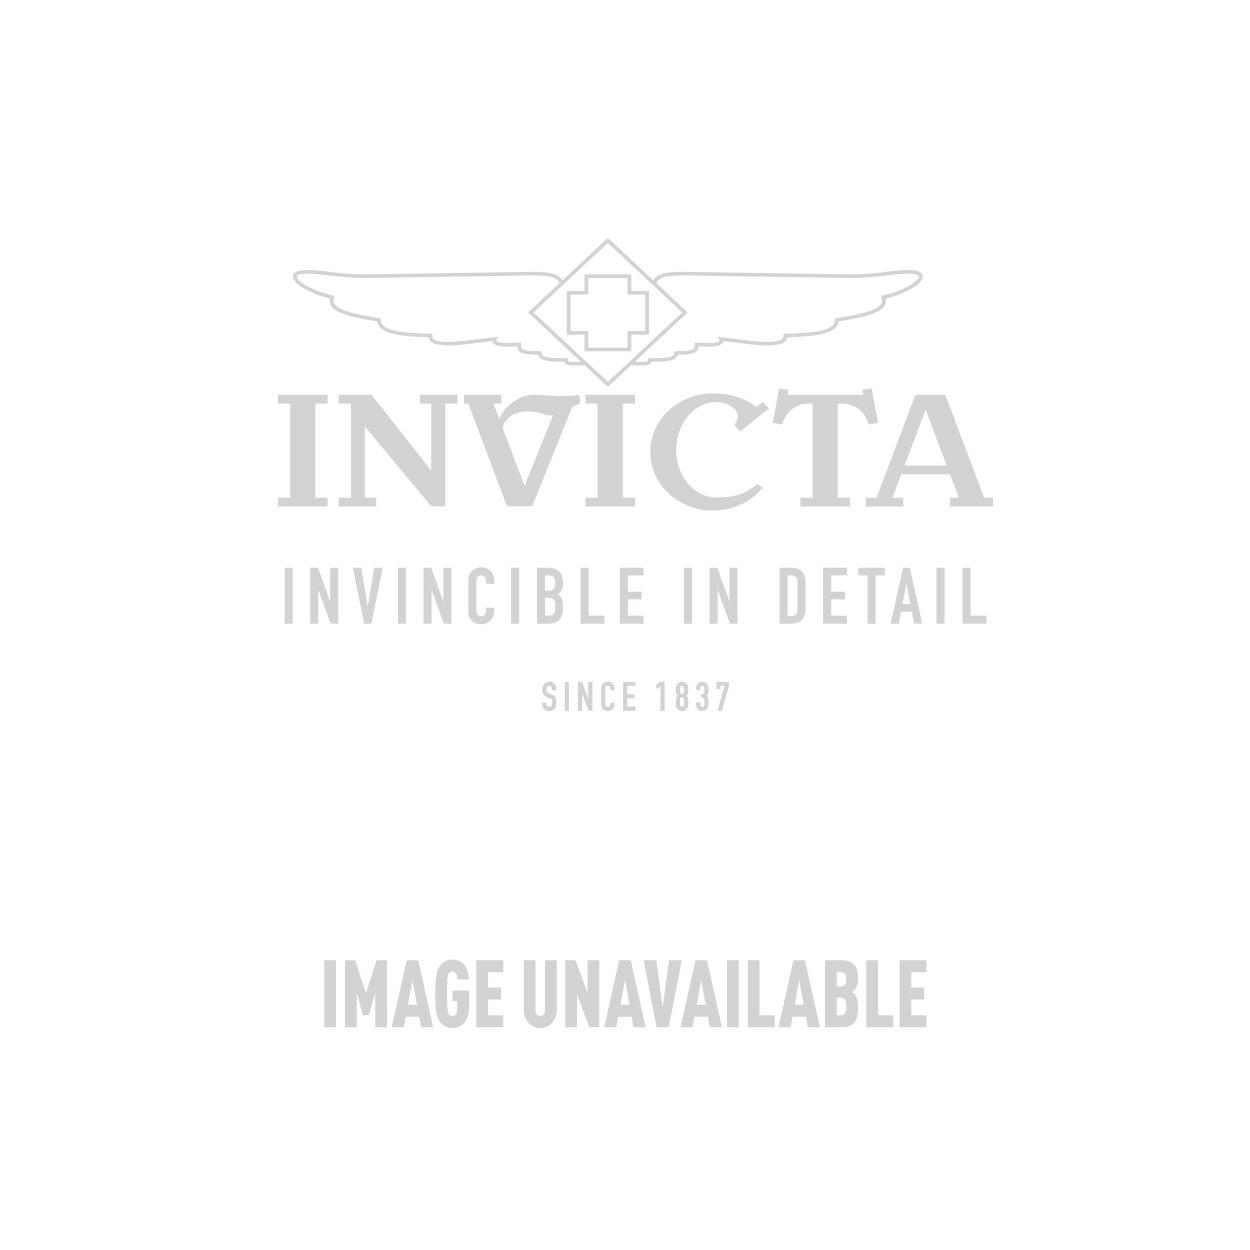 Invicta Model 28399